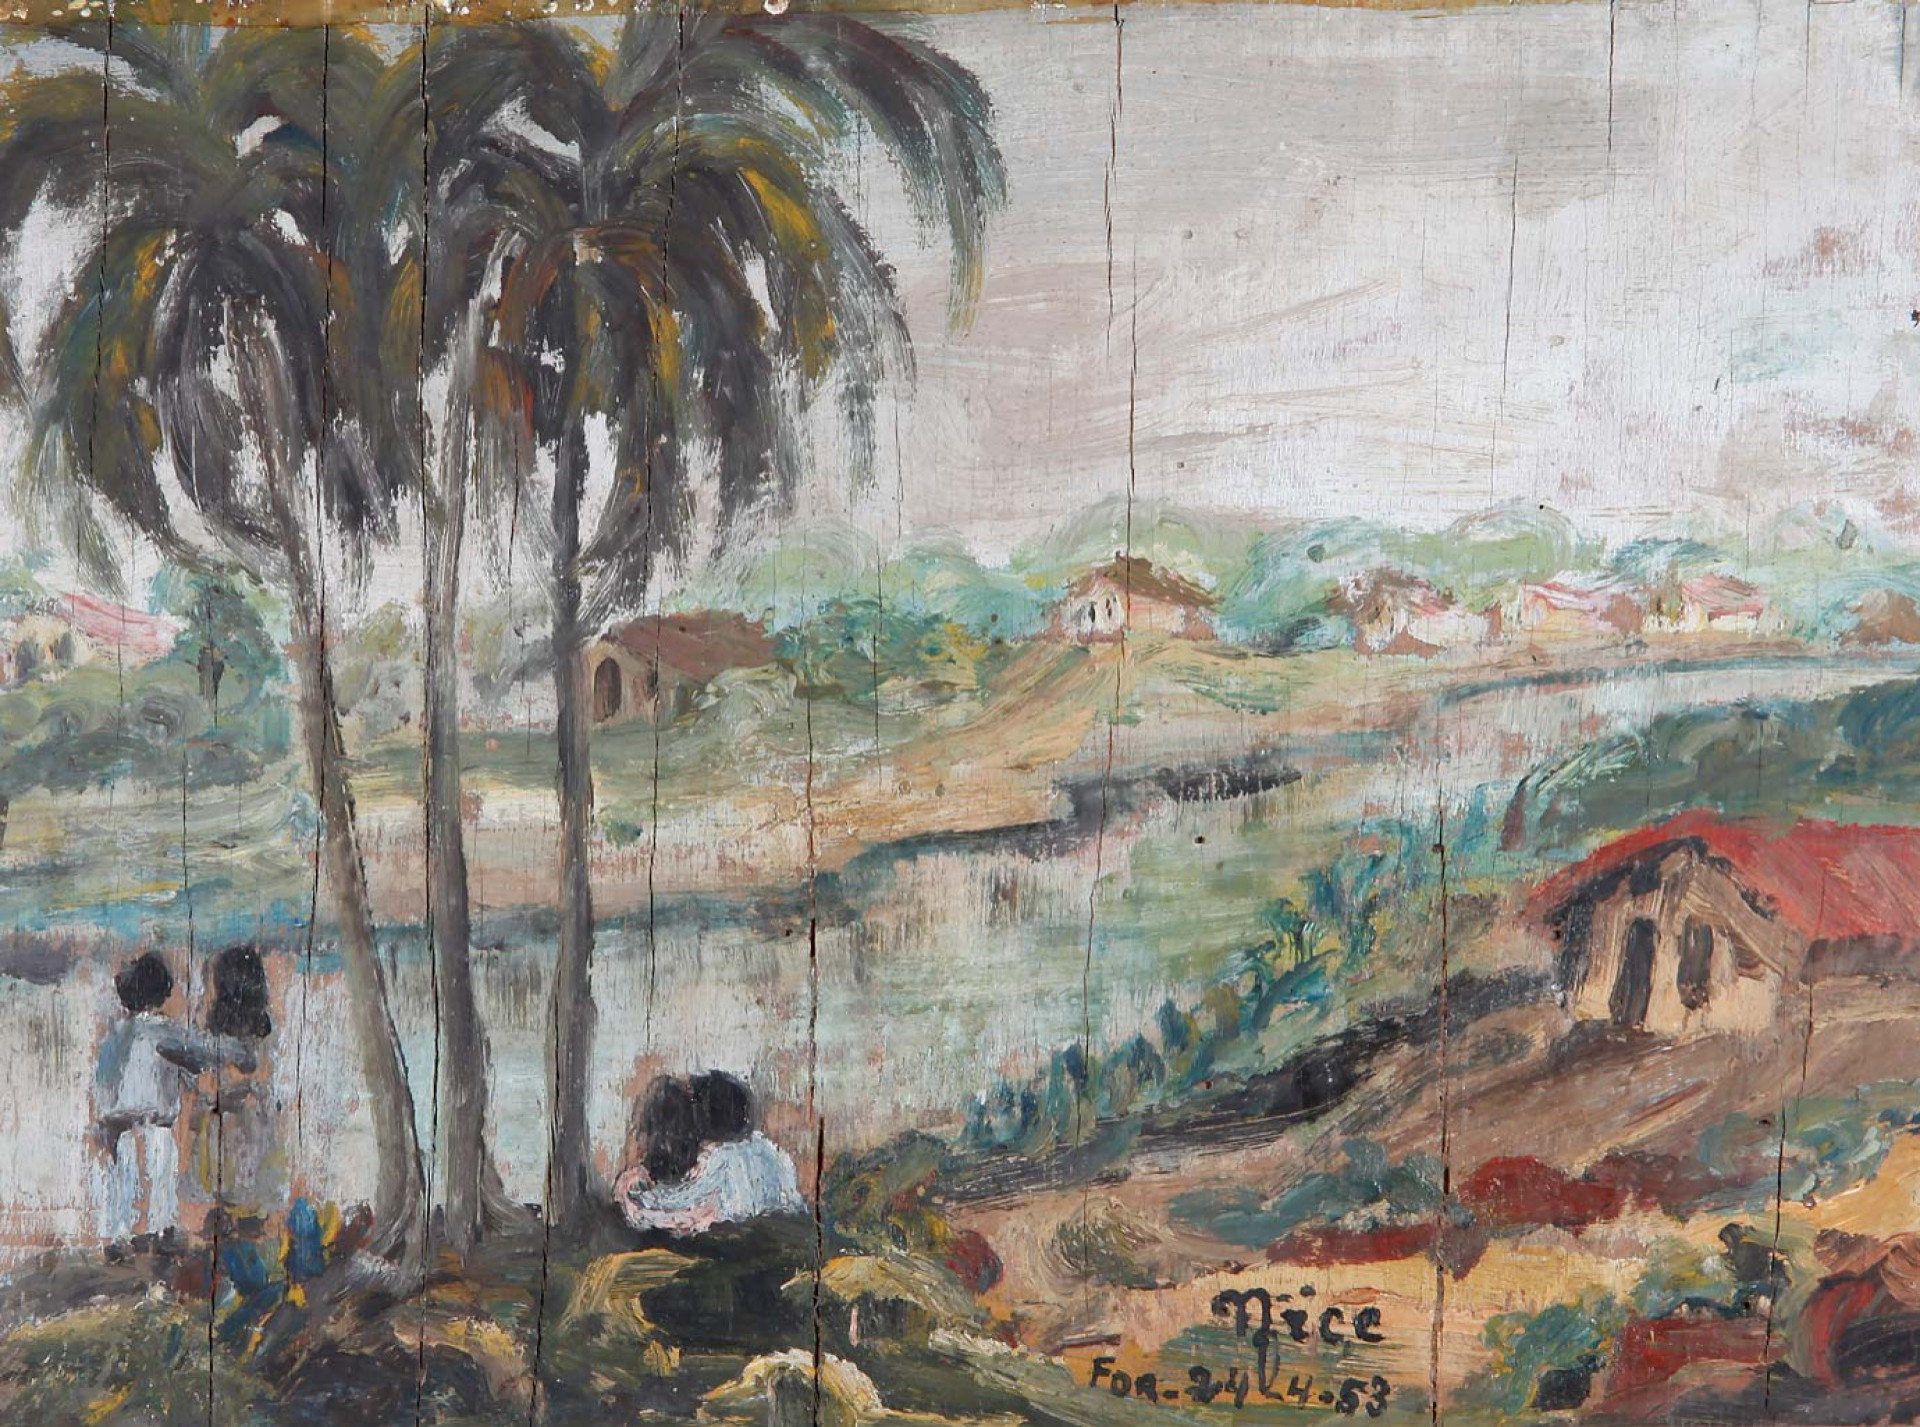 (Foto: Acervo Minimuseu Firmeza)Óleo sobre tela de Nice produzido em 1953